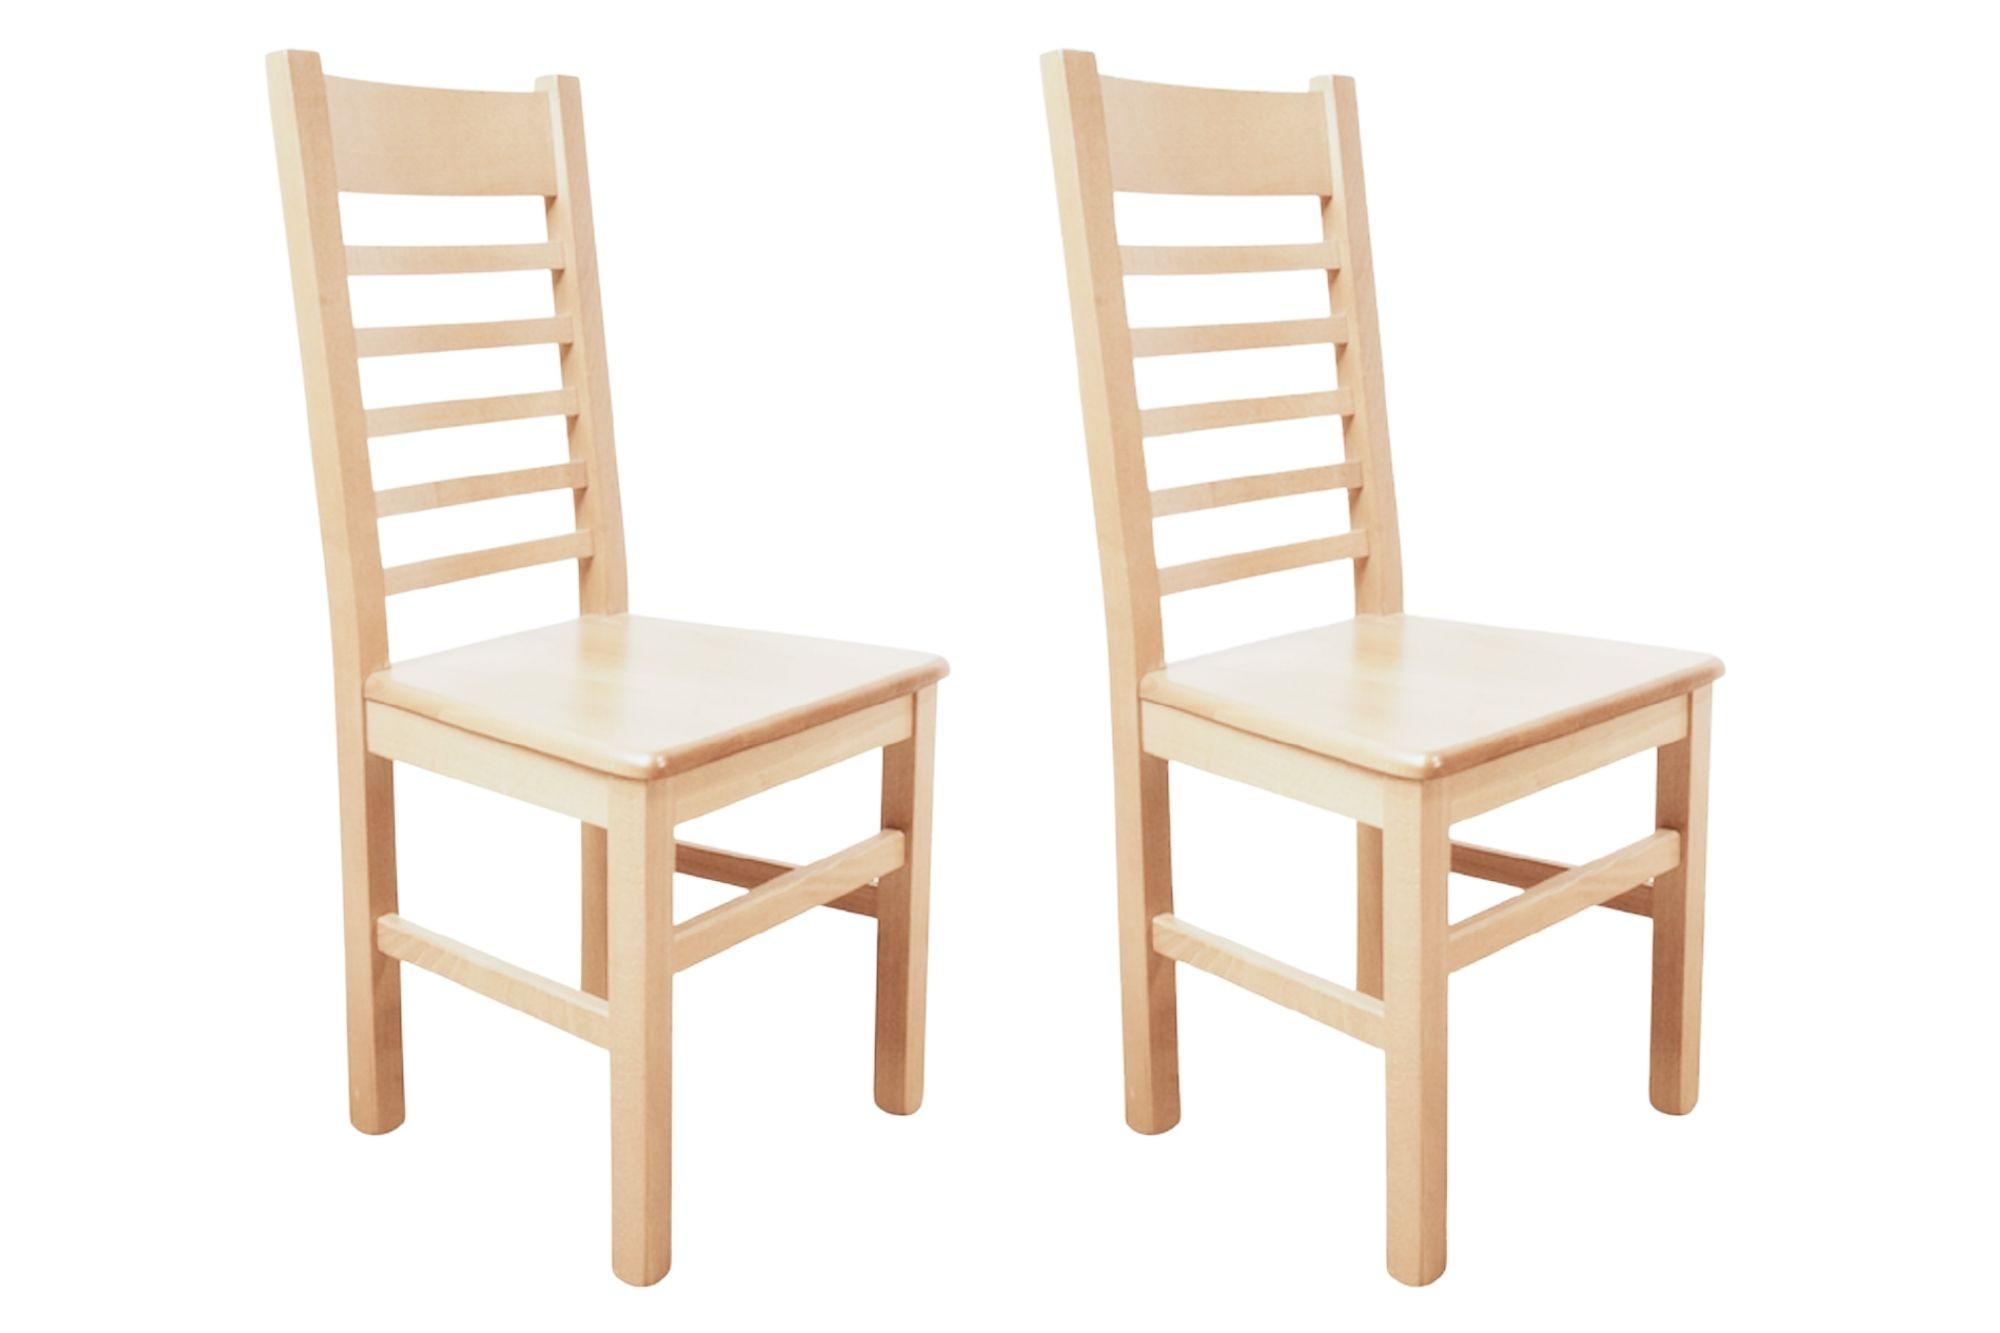 lot de 2 chaises en bois massif chêne naturel blanchi